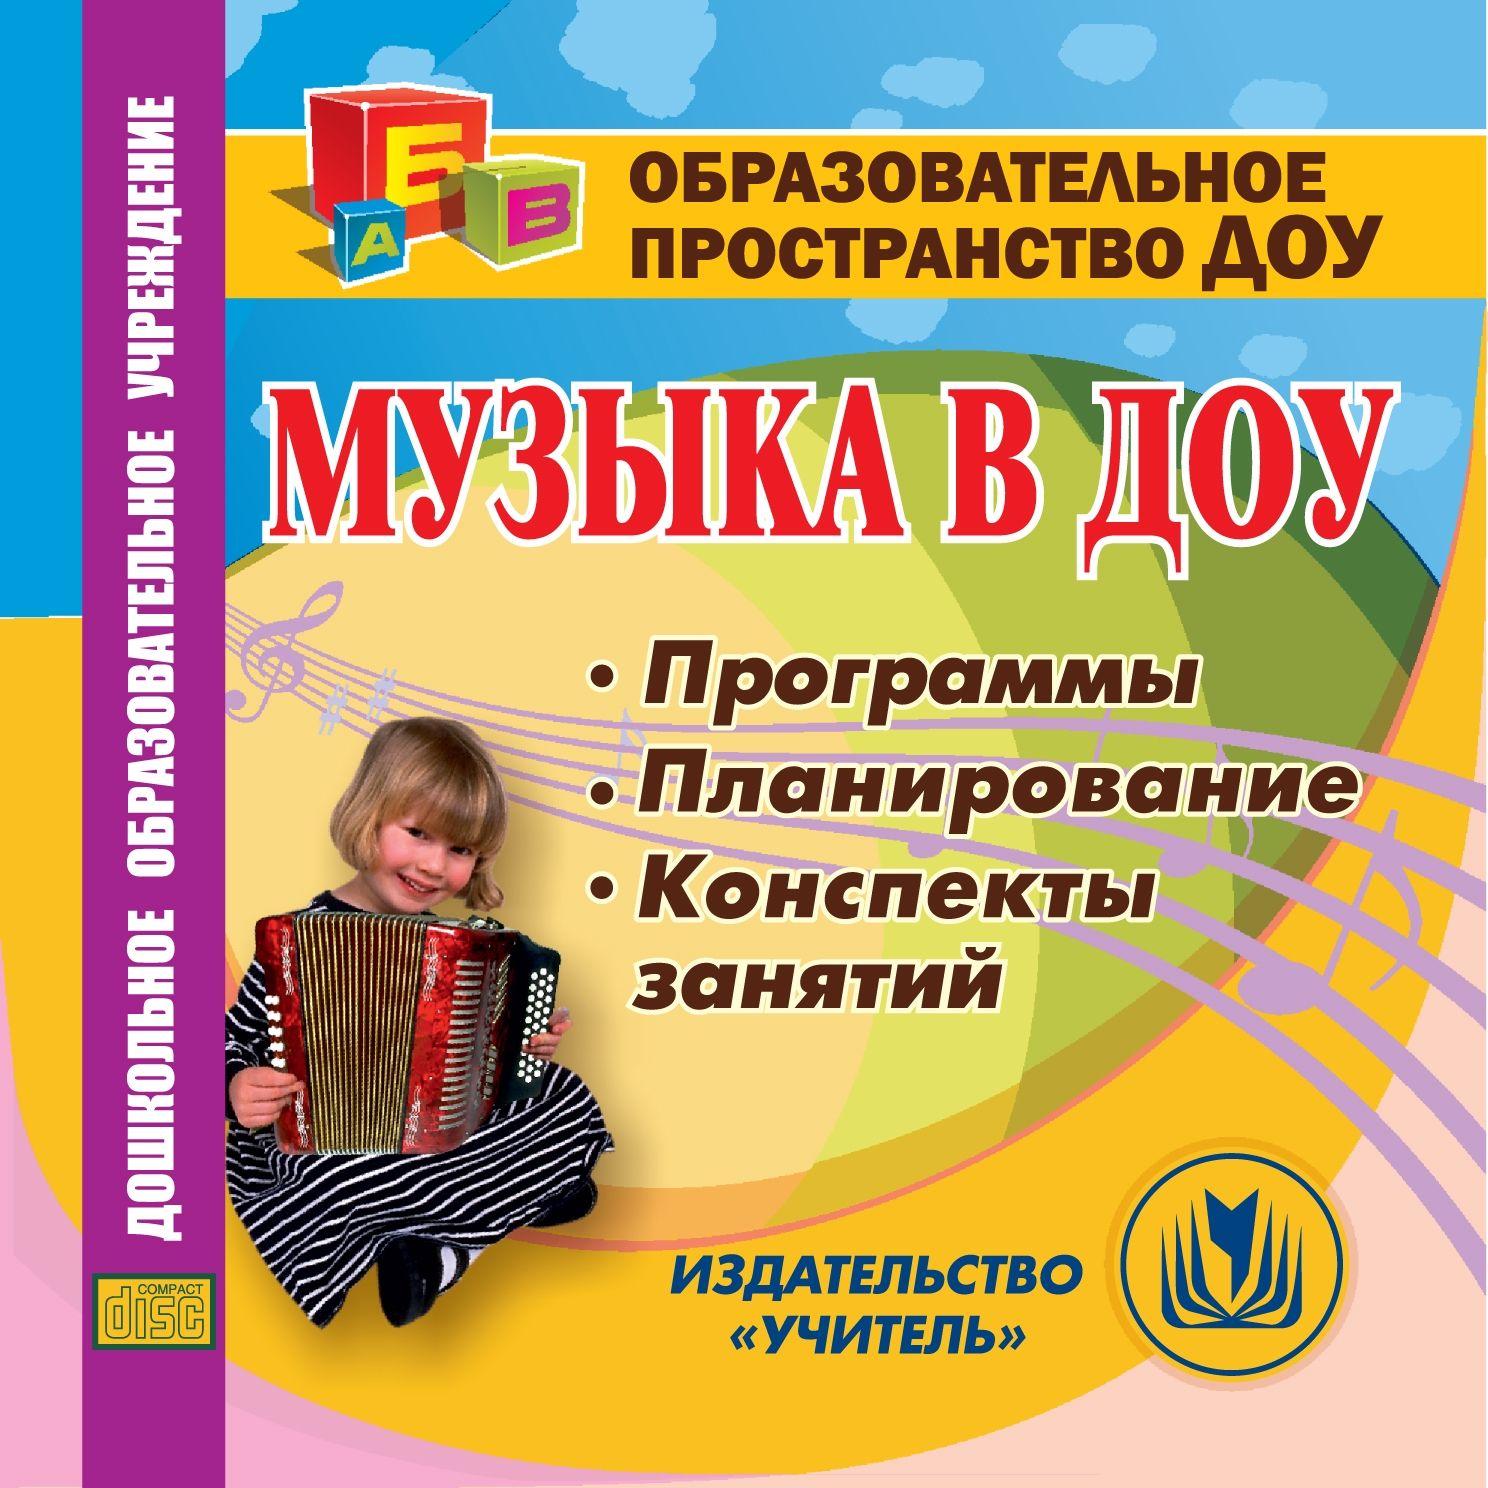 Купить со скидкой Музыка в ДОУ. Компакт-диск для компьютера: Программы. Планирование. Конспекты занятий.